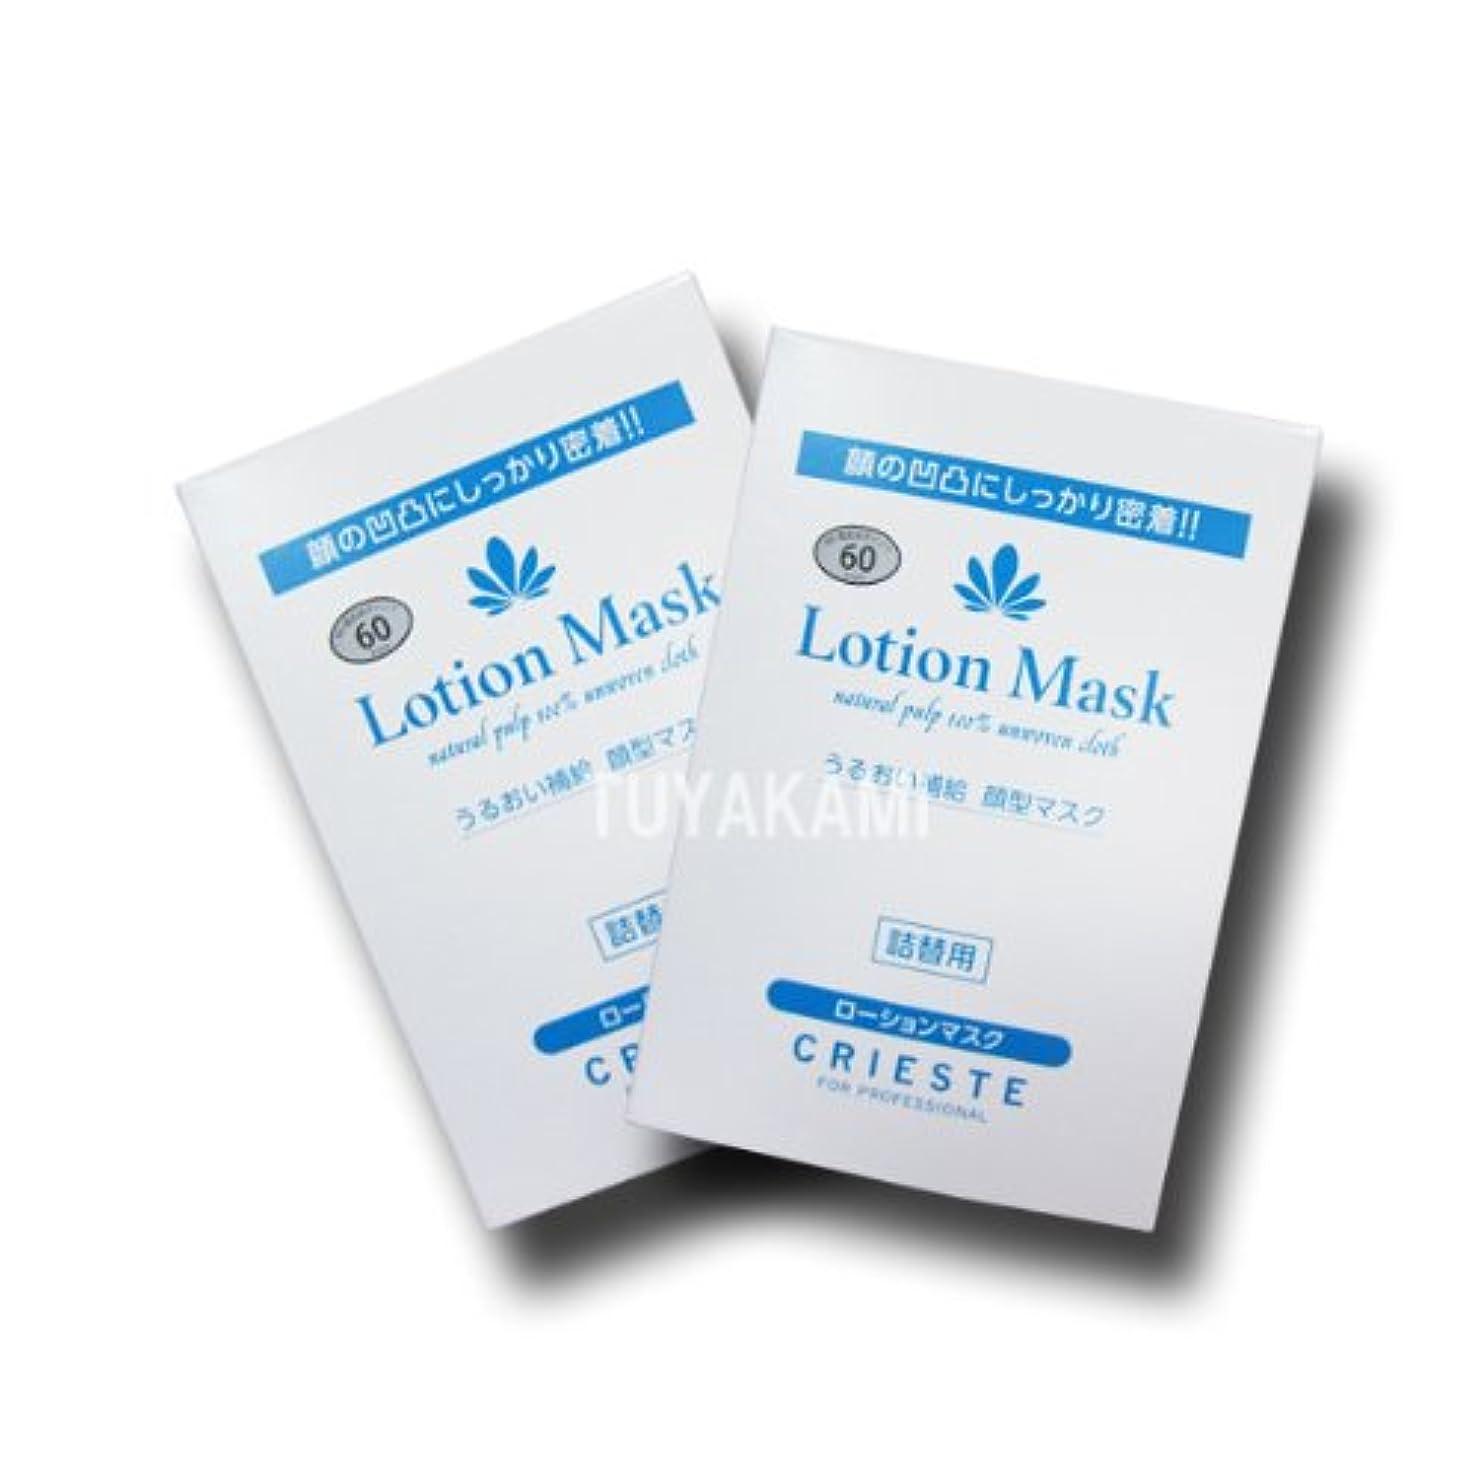 お風呂フリンジ豊富クリエステ ローションマスク 詰替用 150コ入×2個